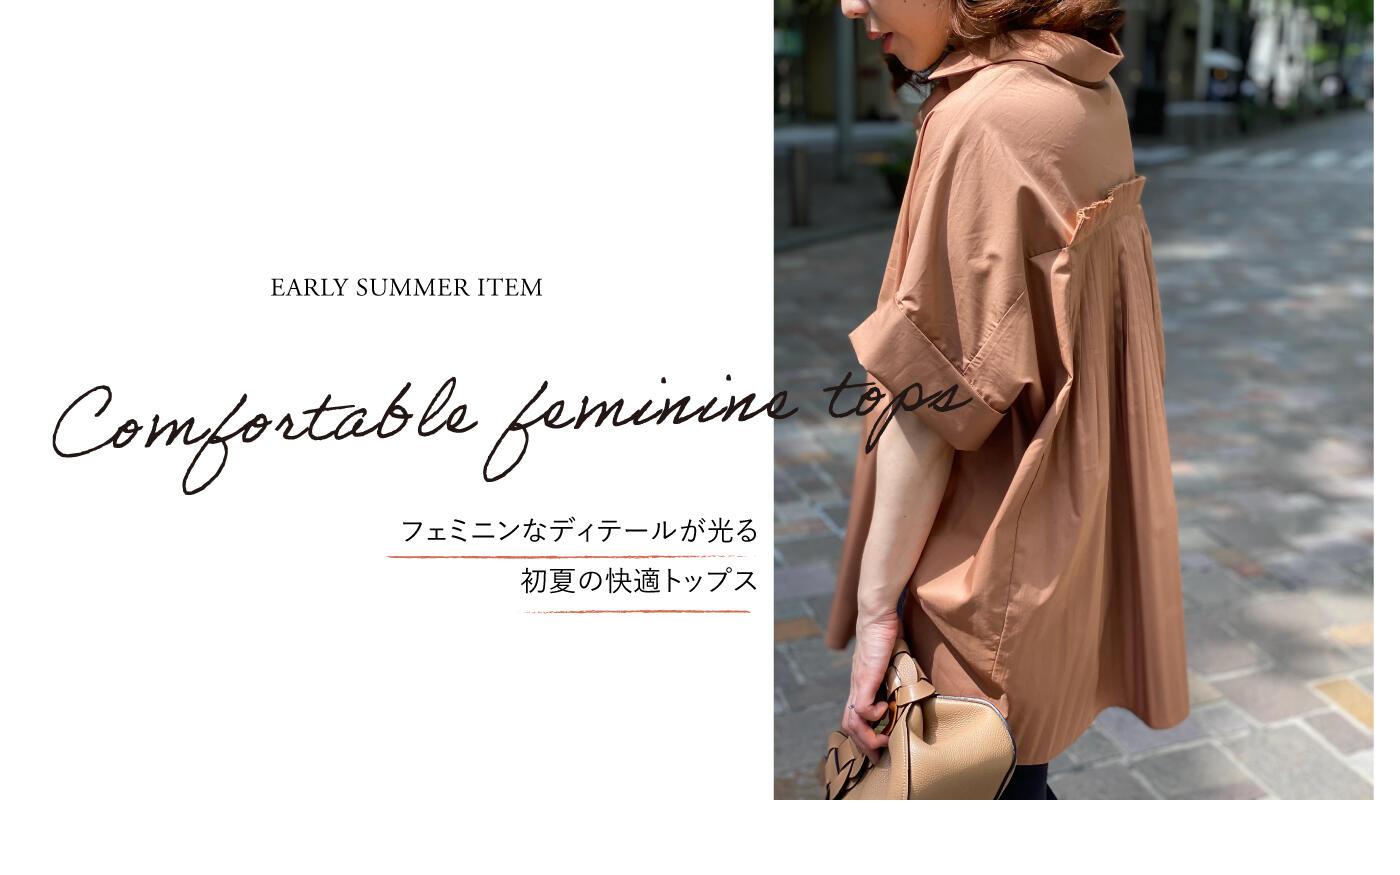 Comfortable feminine tops ーフェミニンなディテールが光る 初夏の快適トップスー